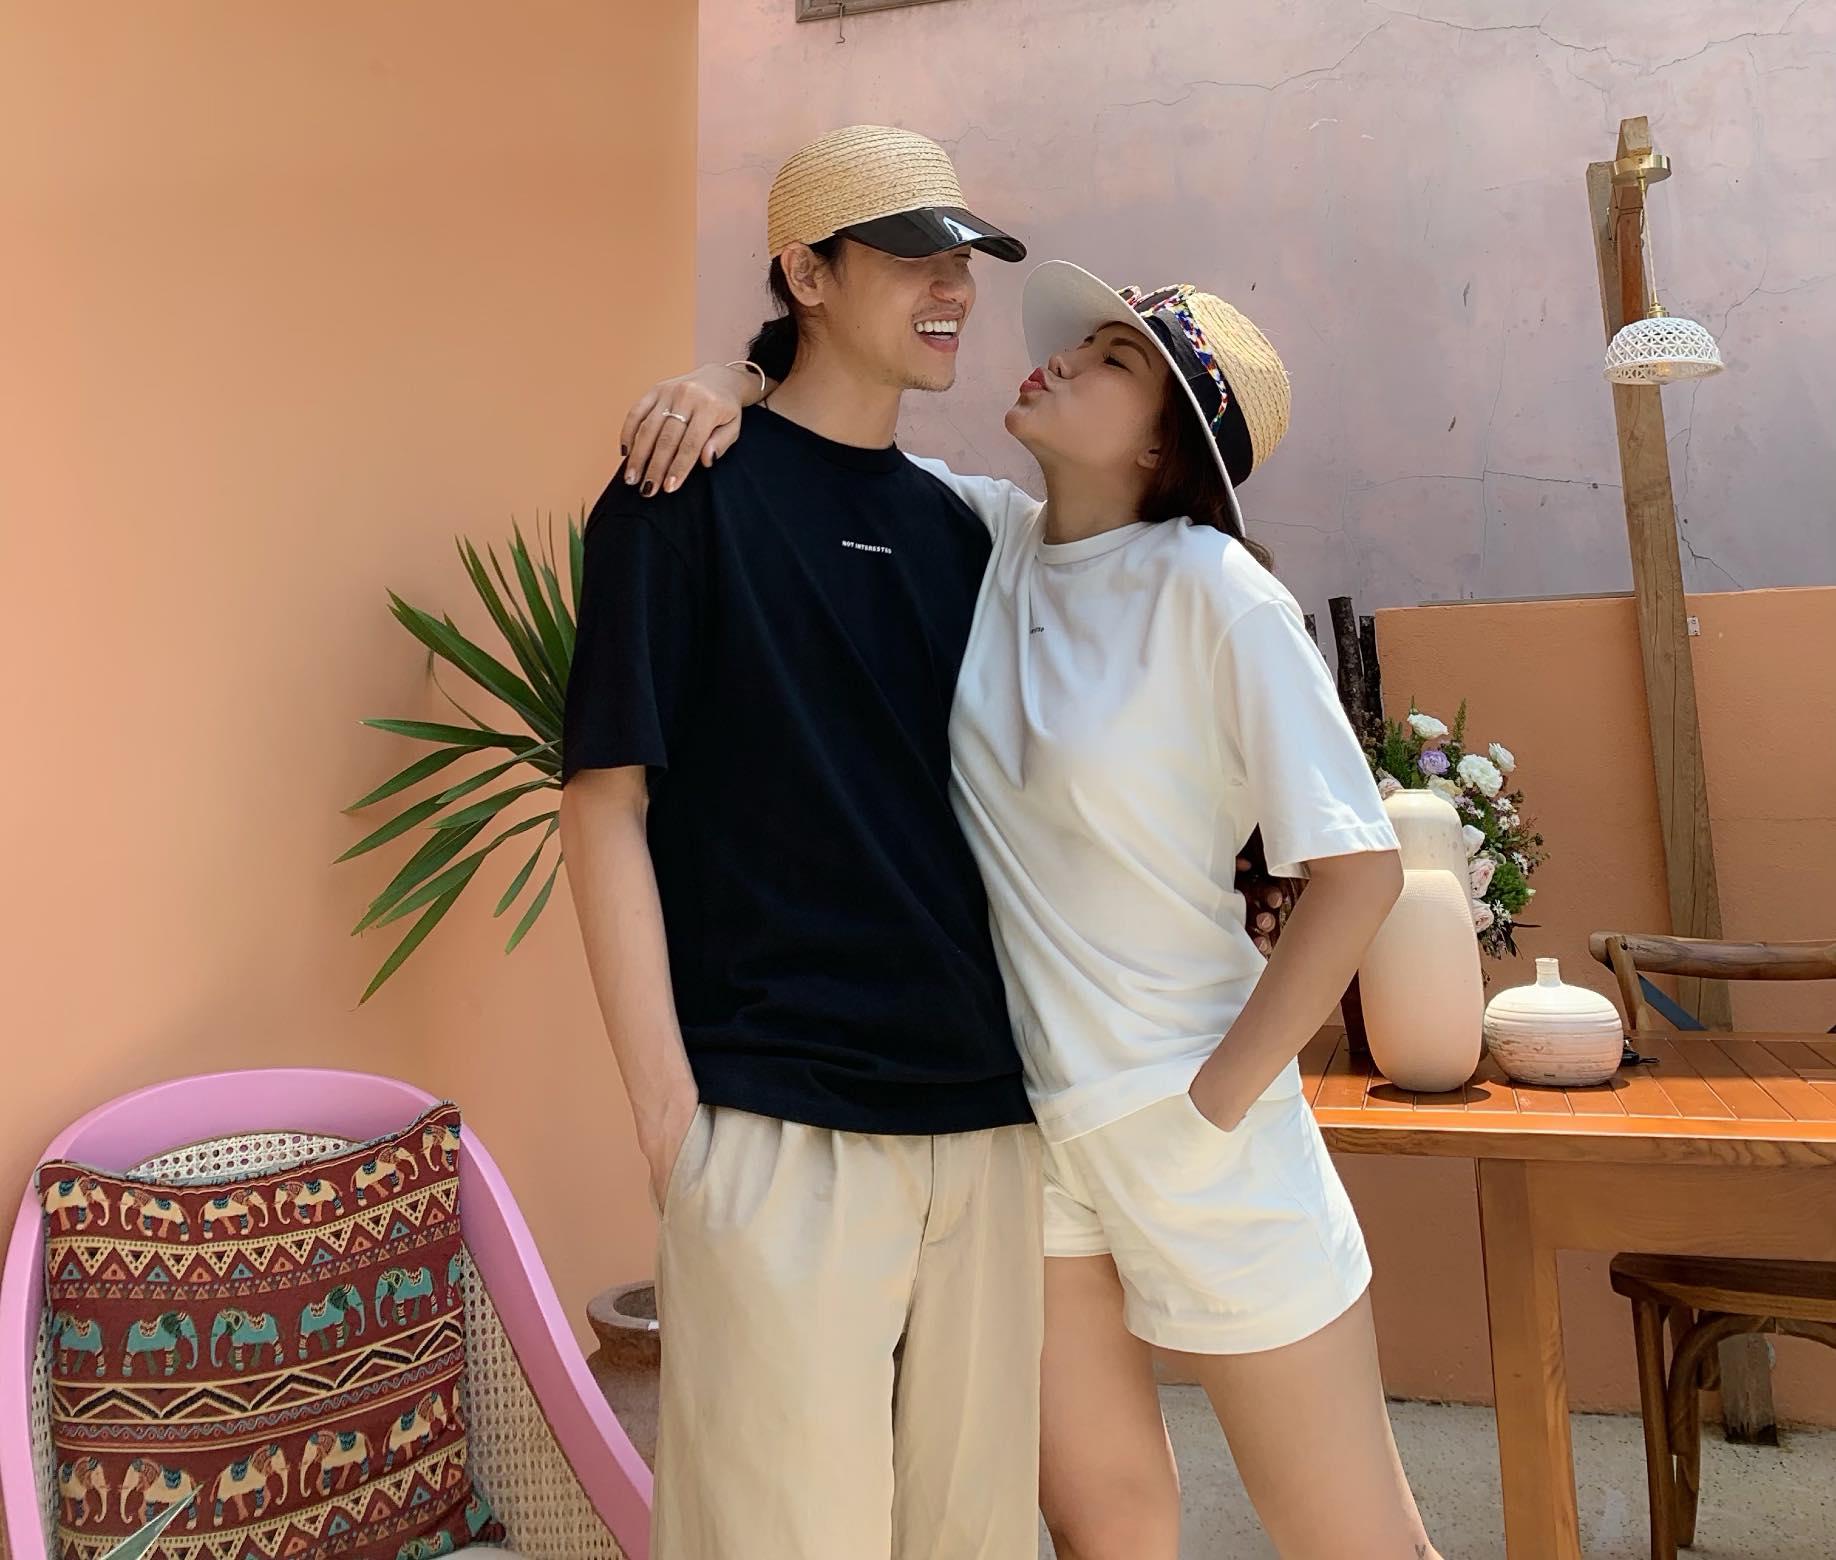 Vợ cũ Lâm Vinh Hải kể chuyện 'vô duyên' ở nhà bạn trai và phản ứng của mẹ chồng tương lai - Ảnh 1